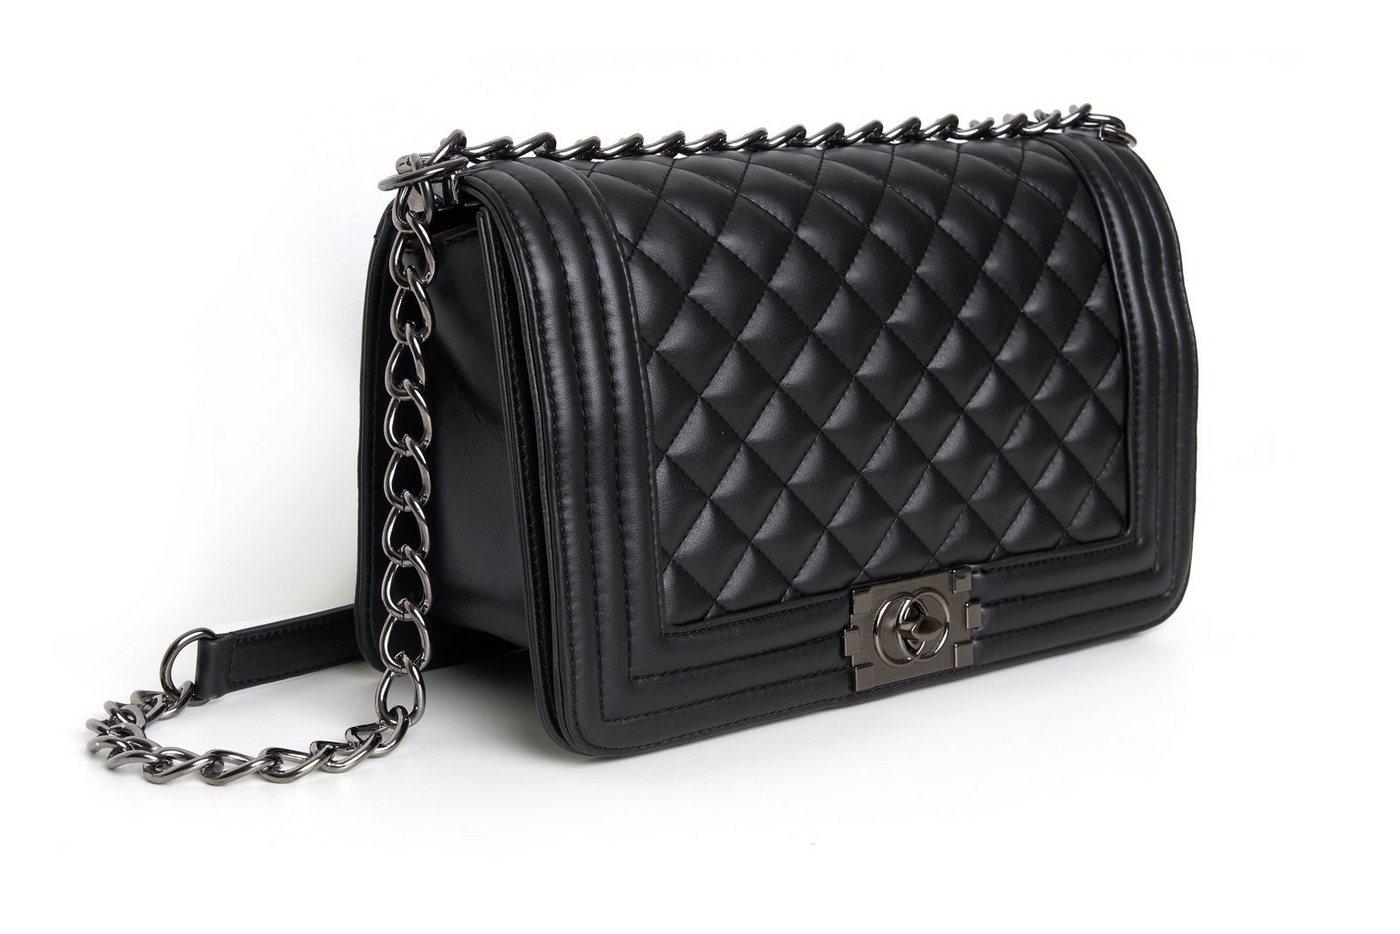 Vestino Abendtasche | Taschen > Handtaschen > Abendtaschen | Schwarz | Vestino